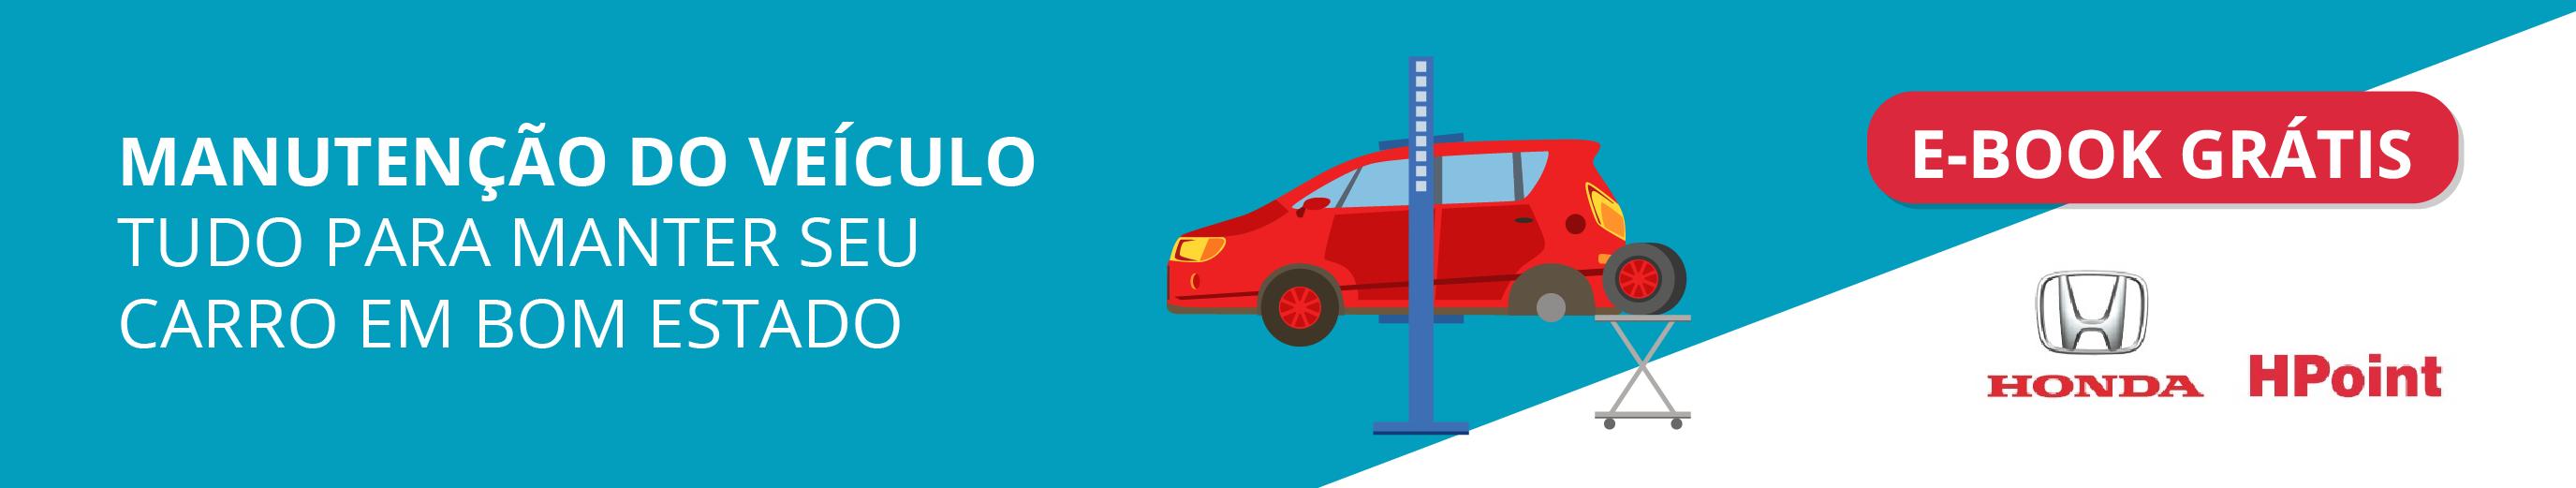 CTA_Manutenção do veículo - tudo para manter seu carro em bom estado-